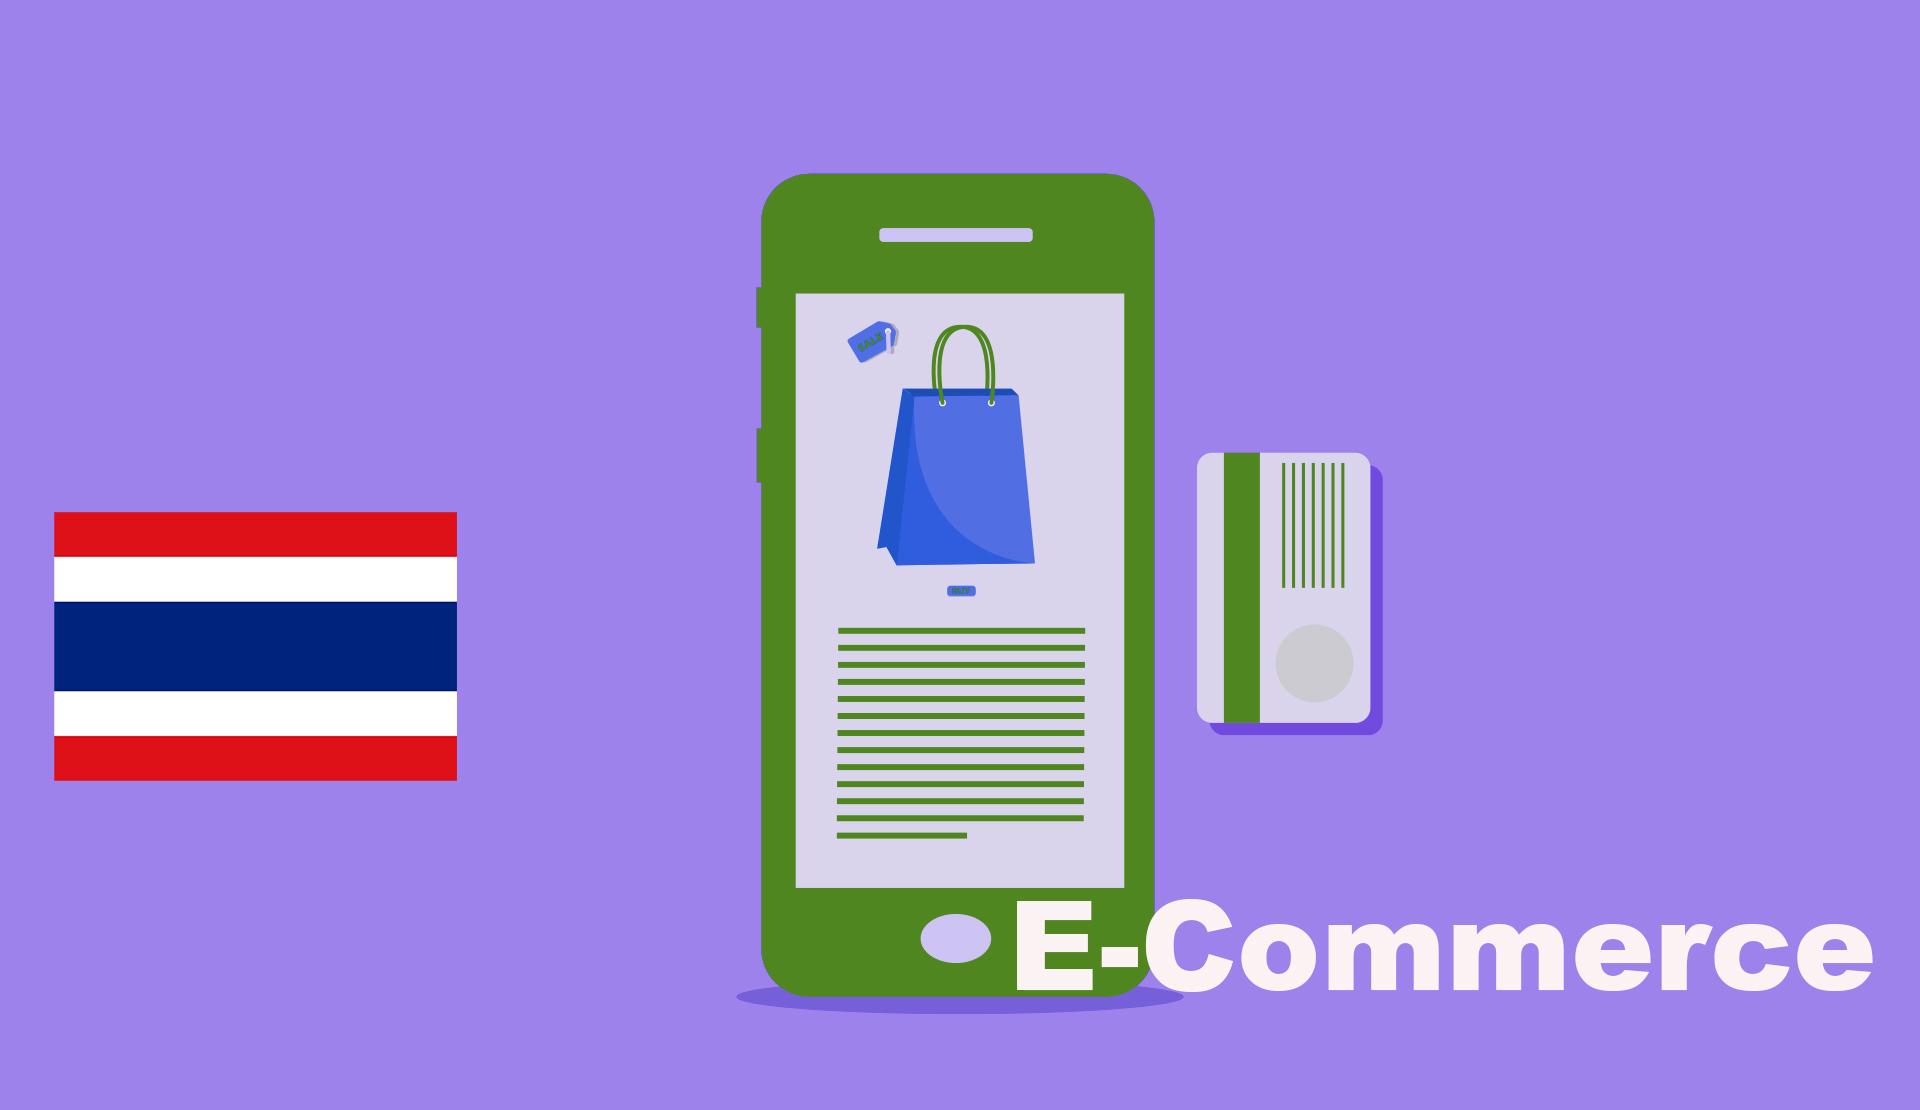 タイEC(通販)の基礎知識 | 人気ECサイトランキング・市場規模・EC決済事情…ほか